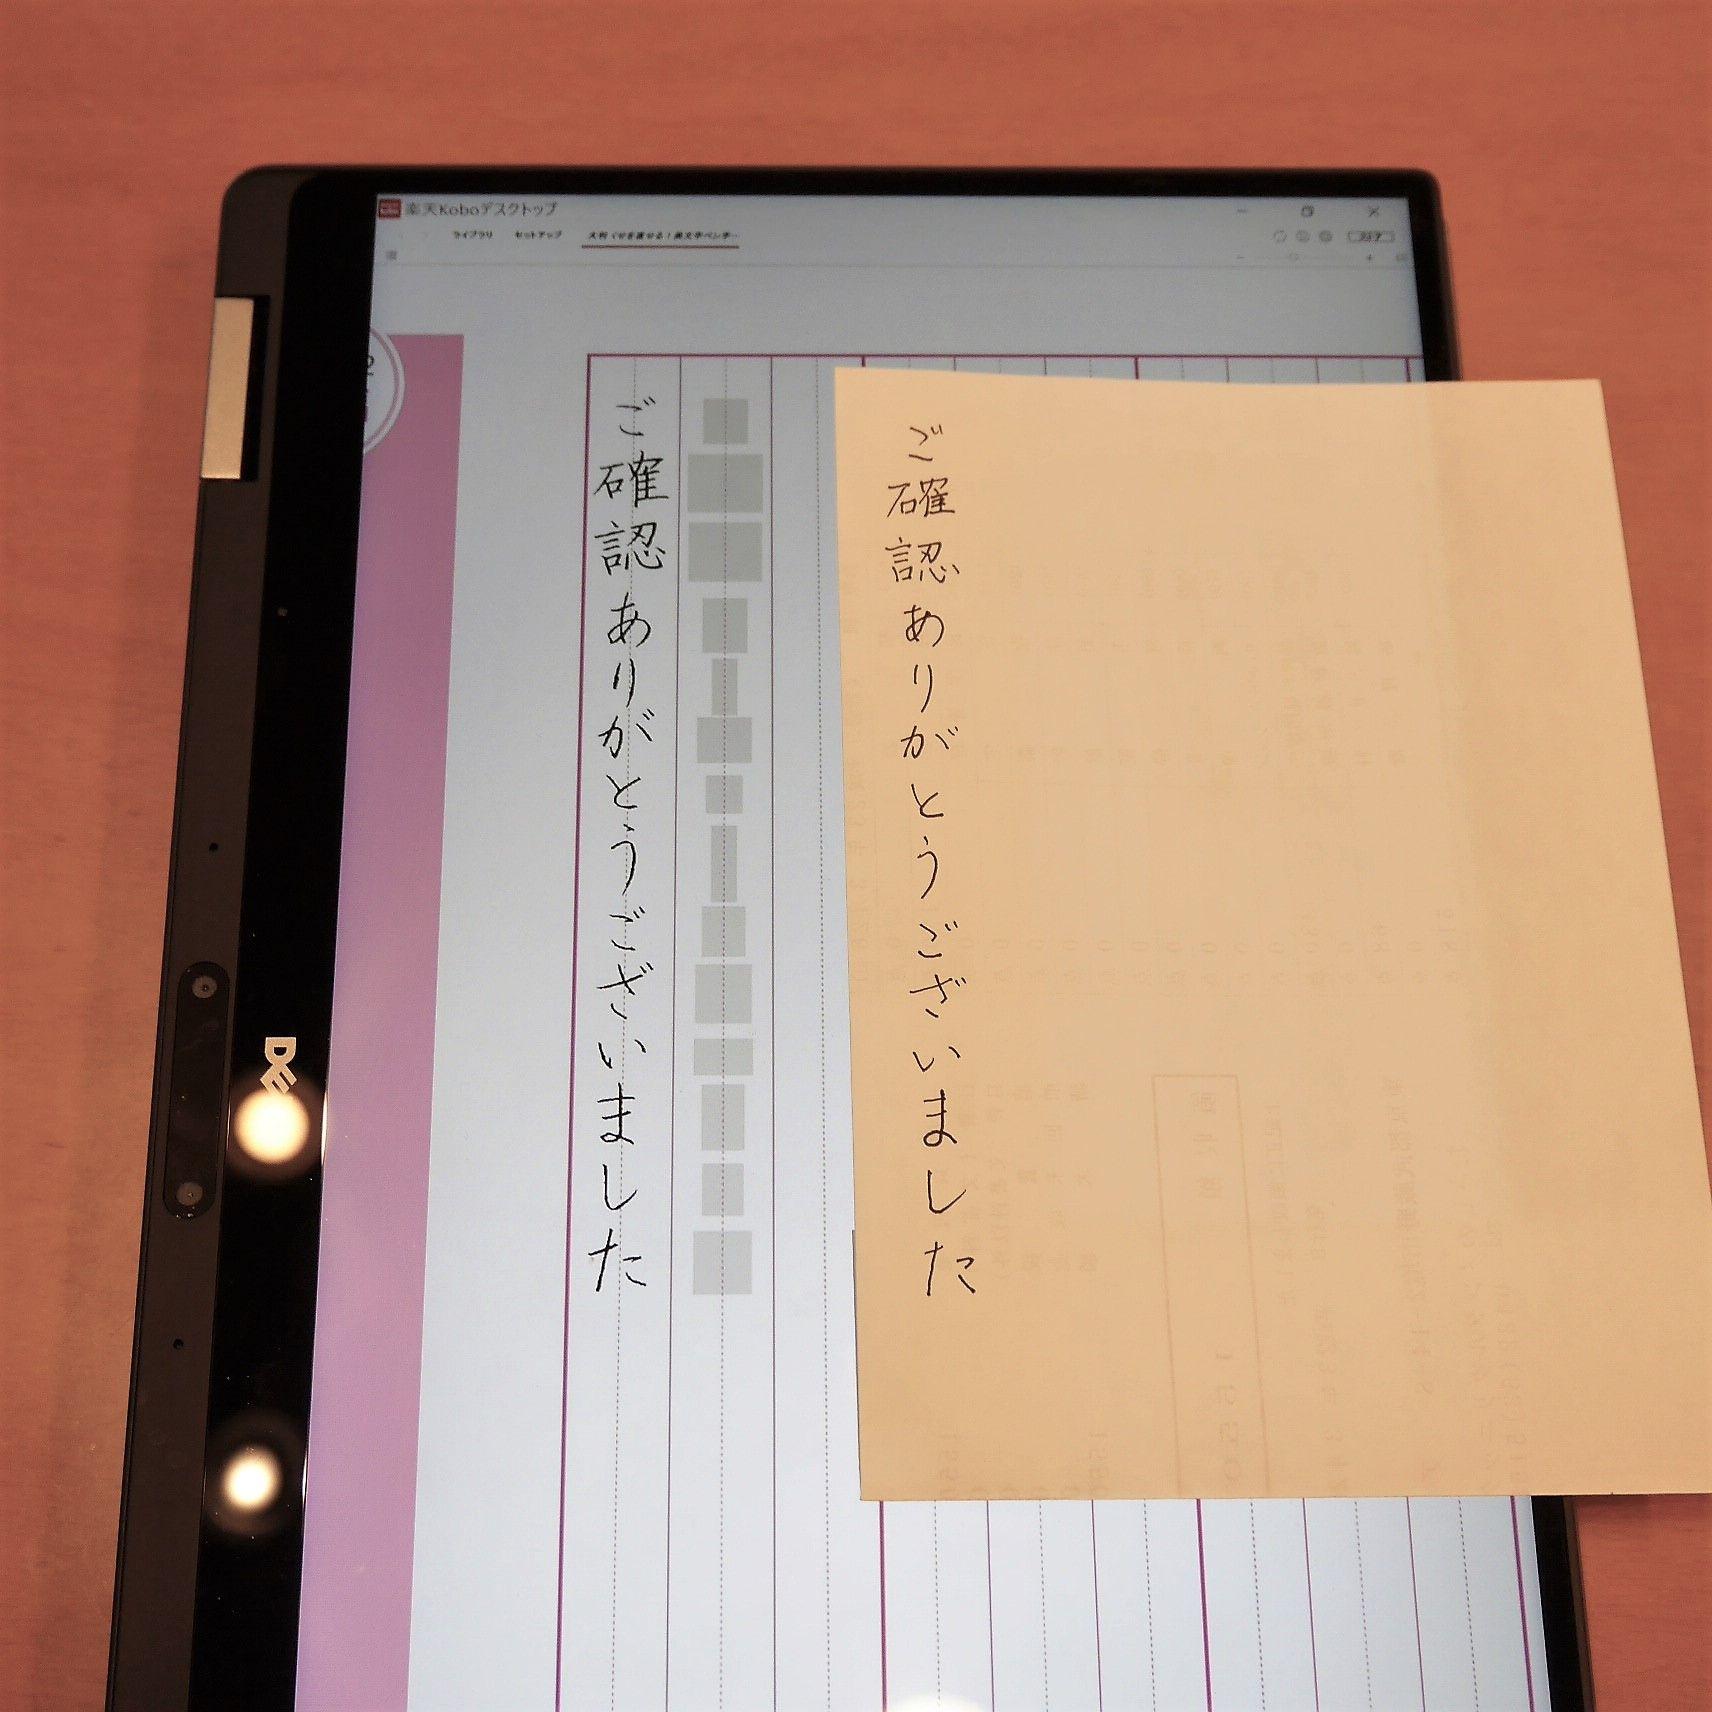 Dell_XPS_ペン字テキスト